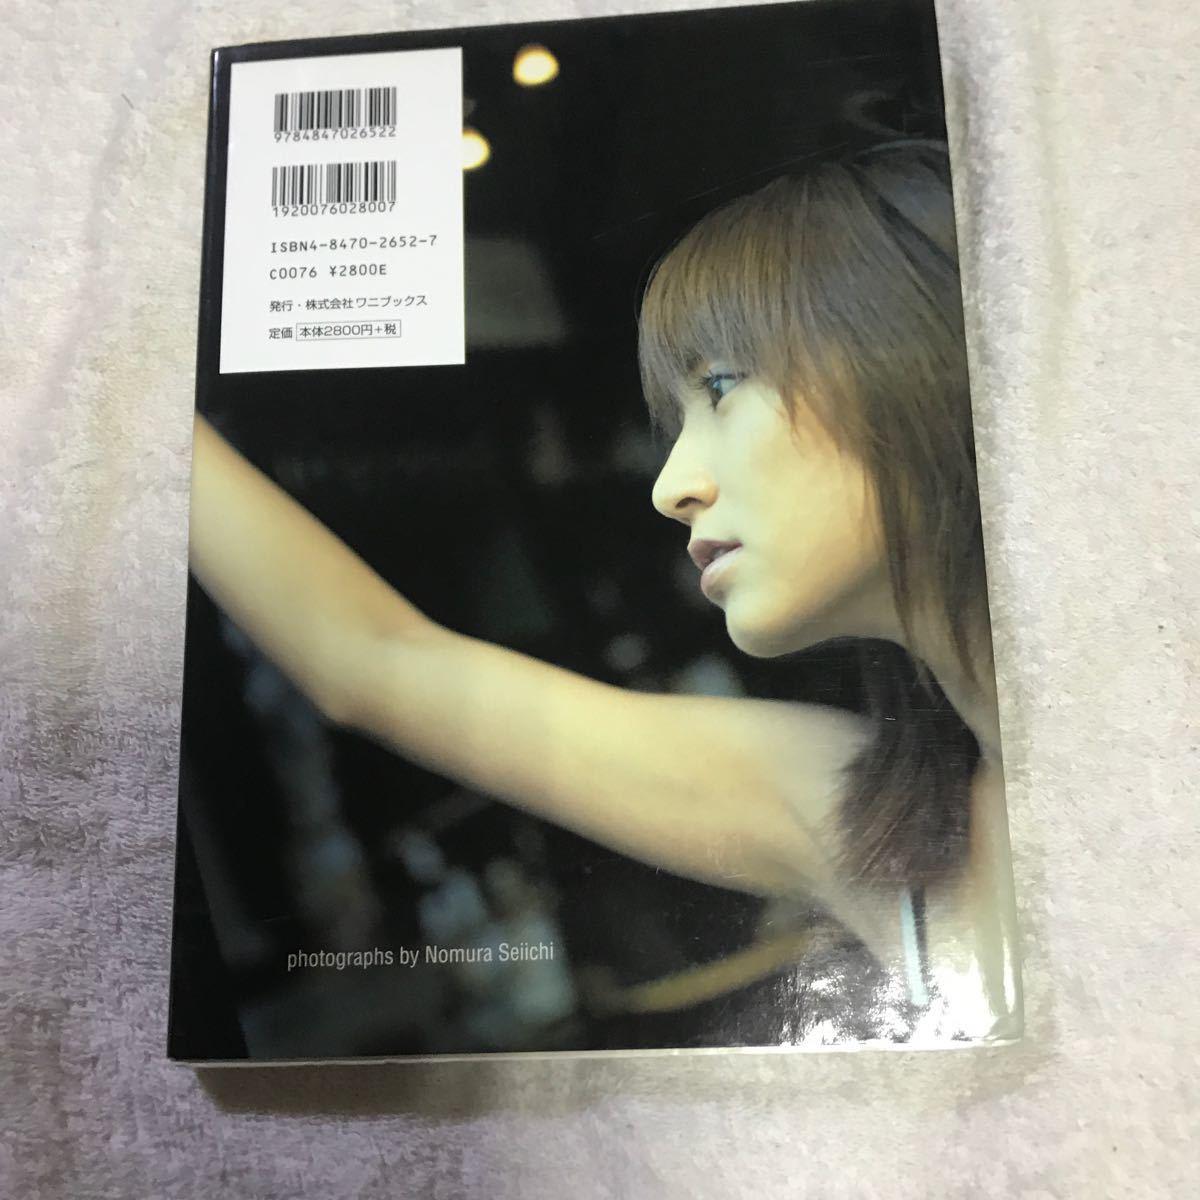 (写真集) De mi corazon 矢田亜希子写真集 (管理:750946)